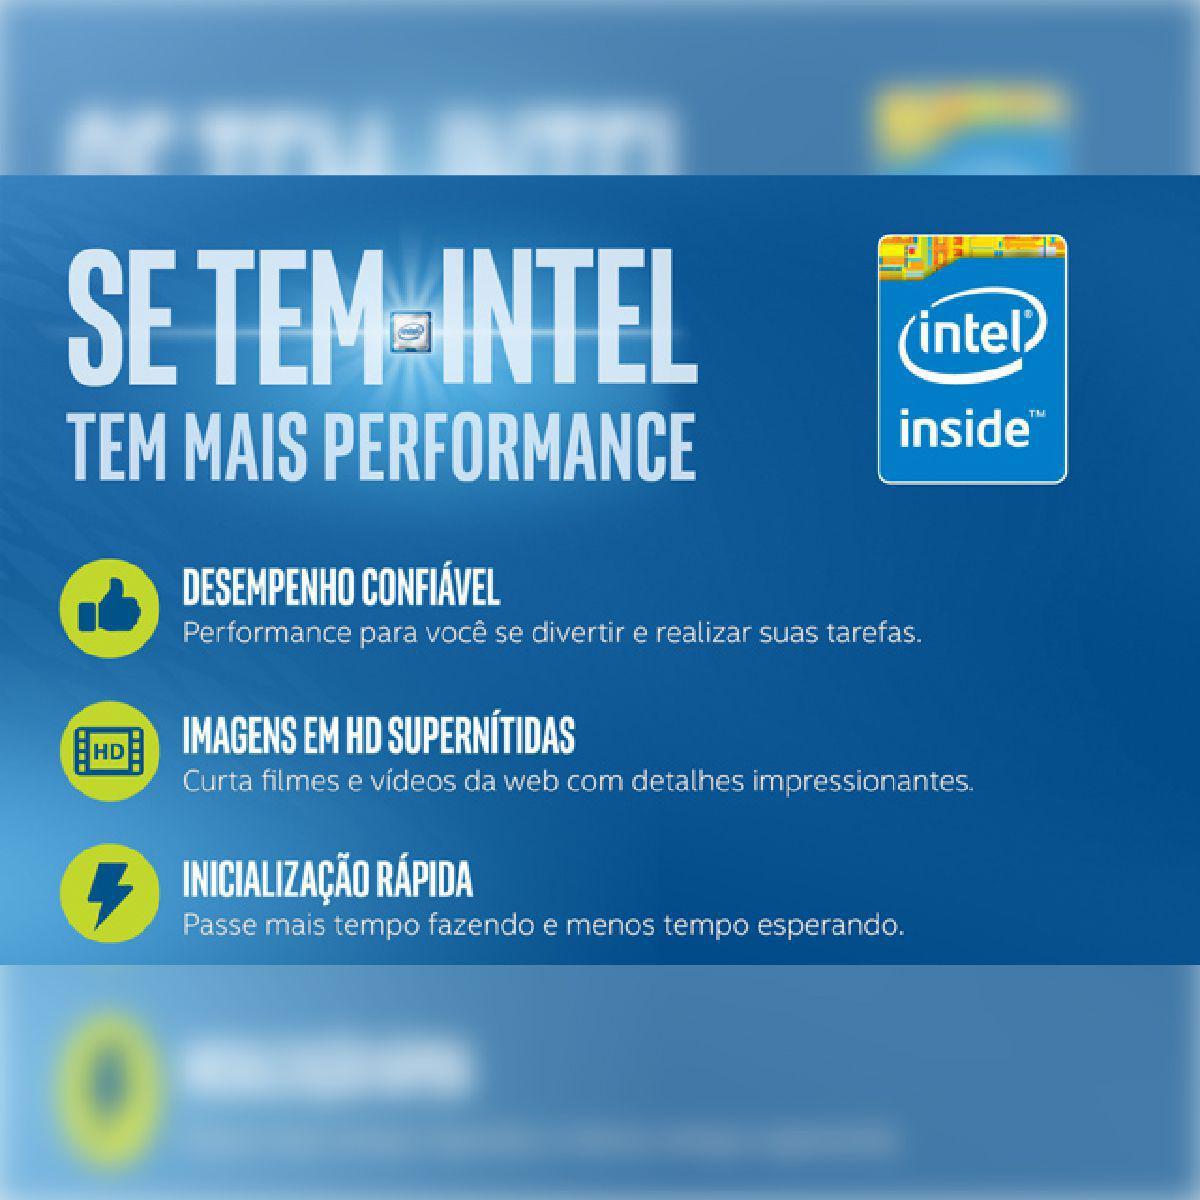 Pc Gamer Cpu I5 8gb Ssd 120gb Hd 500gb Placa De Video Wifi